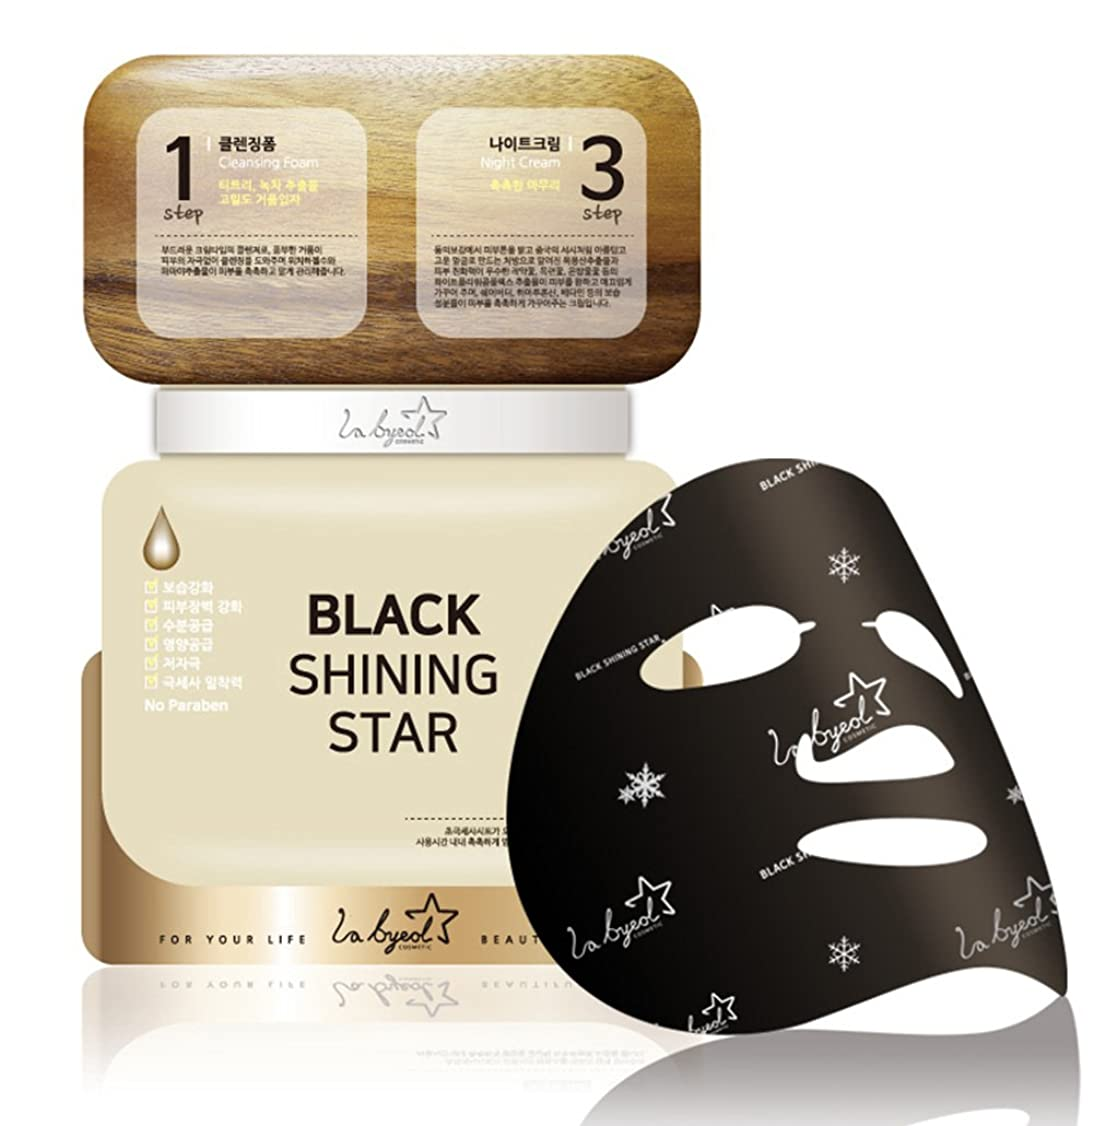 恨みタウポ湖過ちLABYOEL Black Shining Star Mask Pack CH1389914 28ml x 5Sheet [並行輸入品]